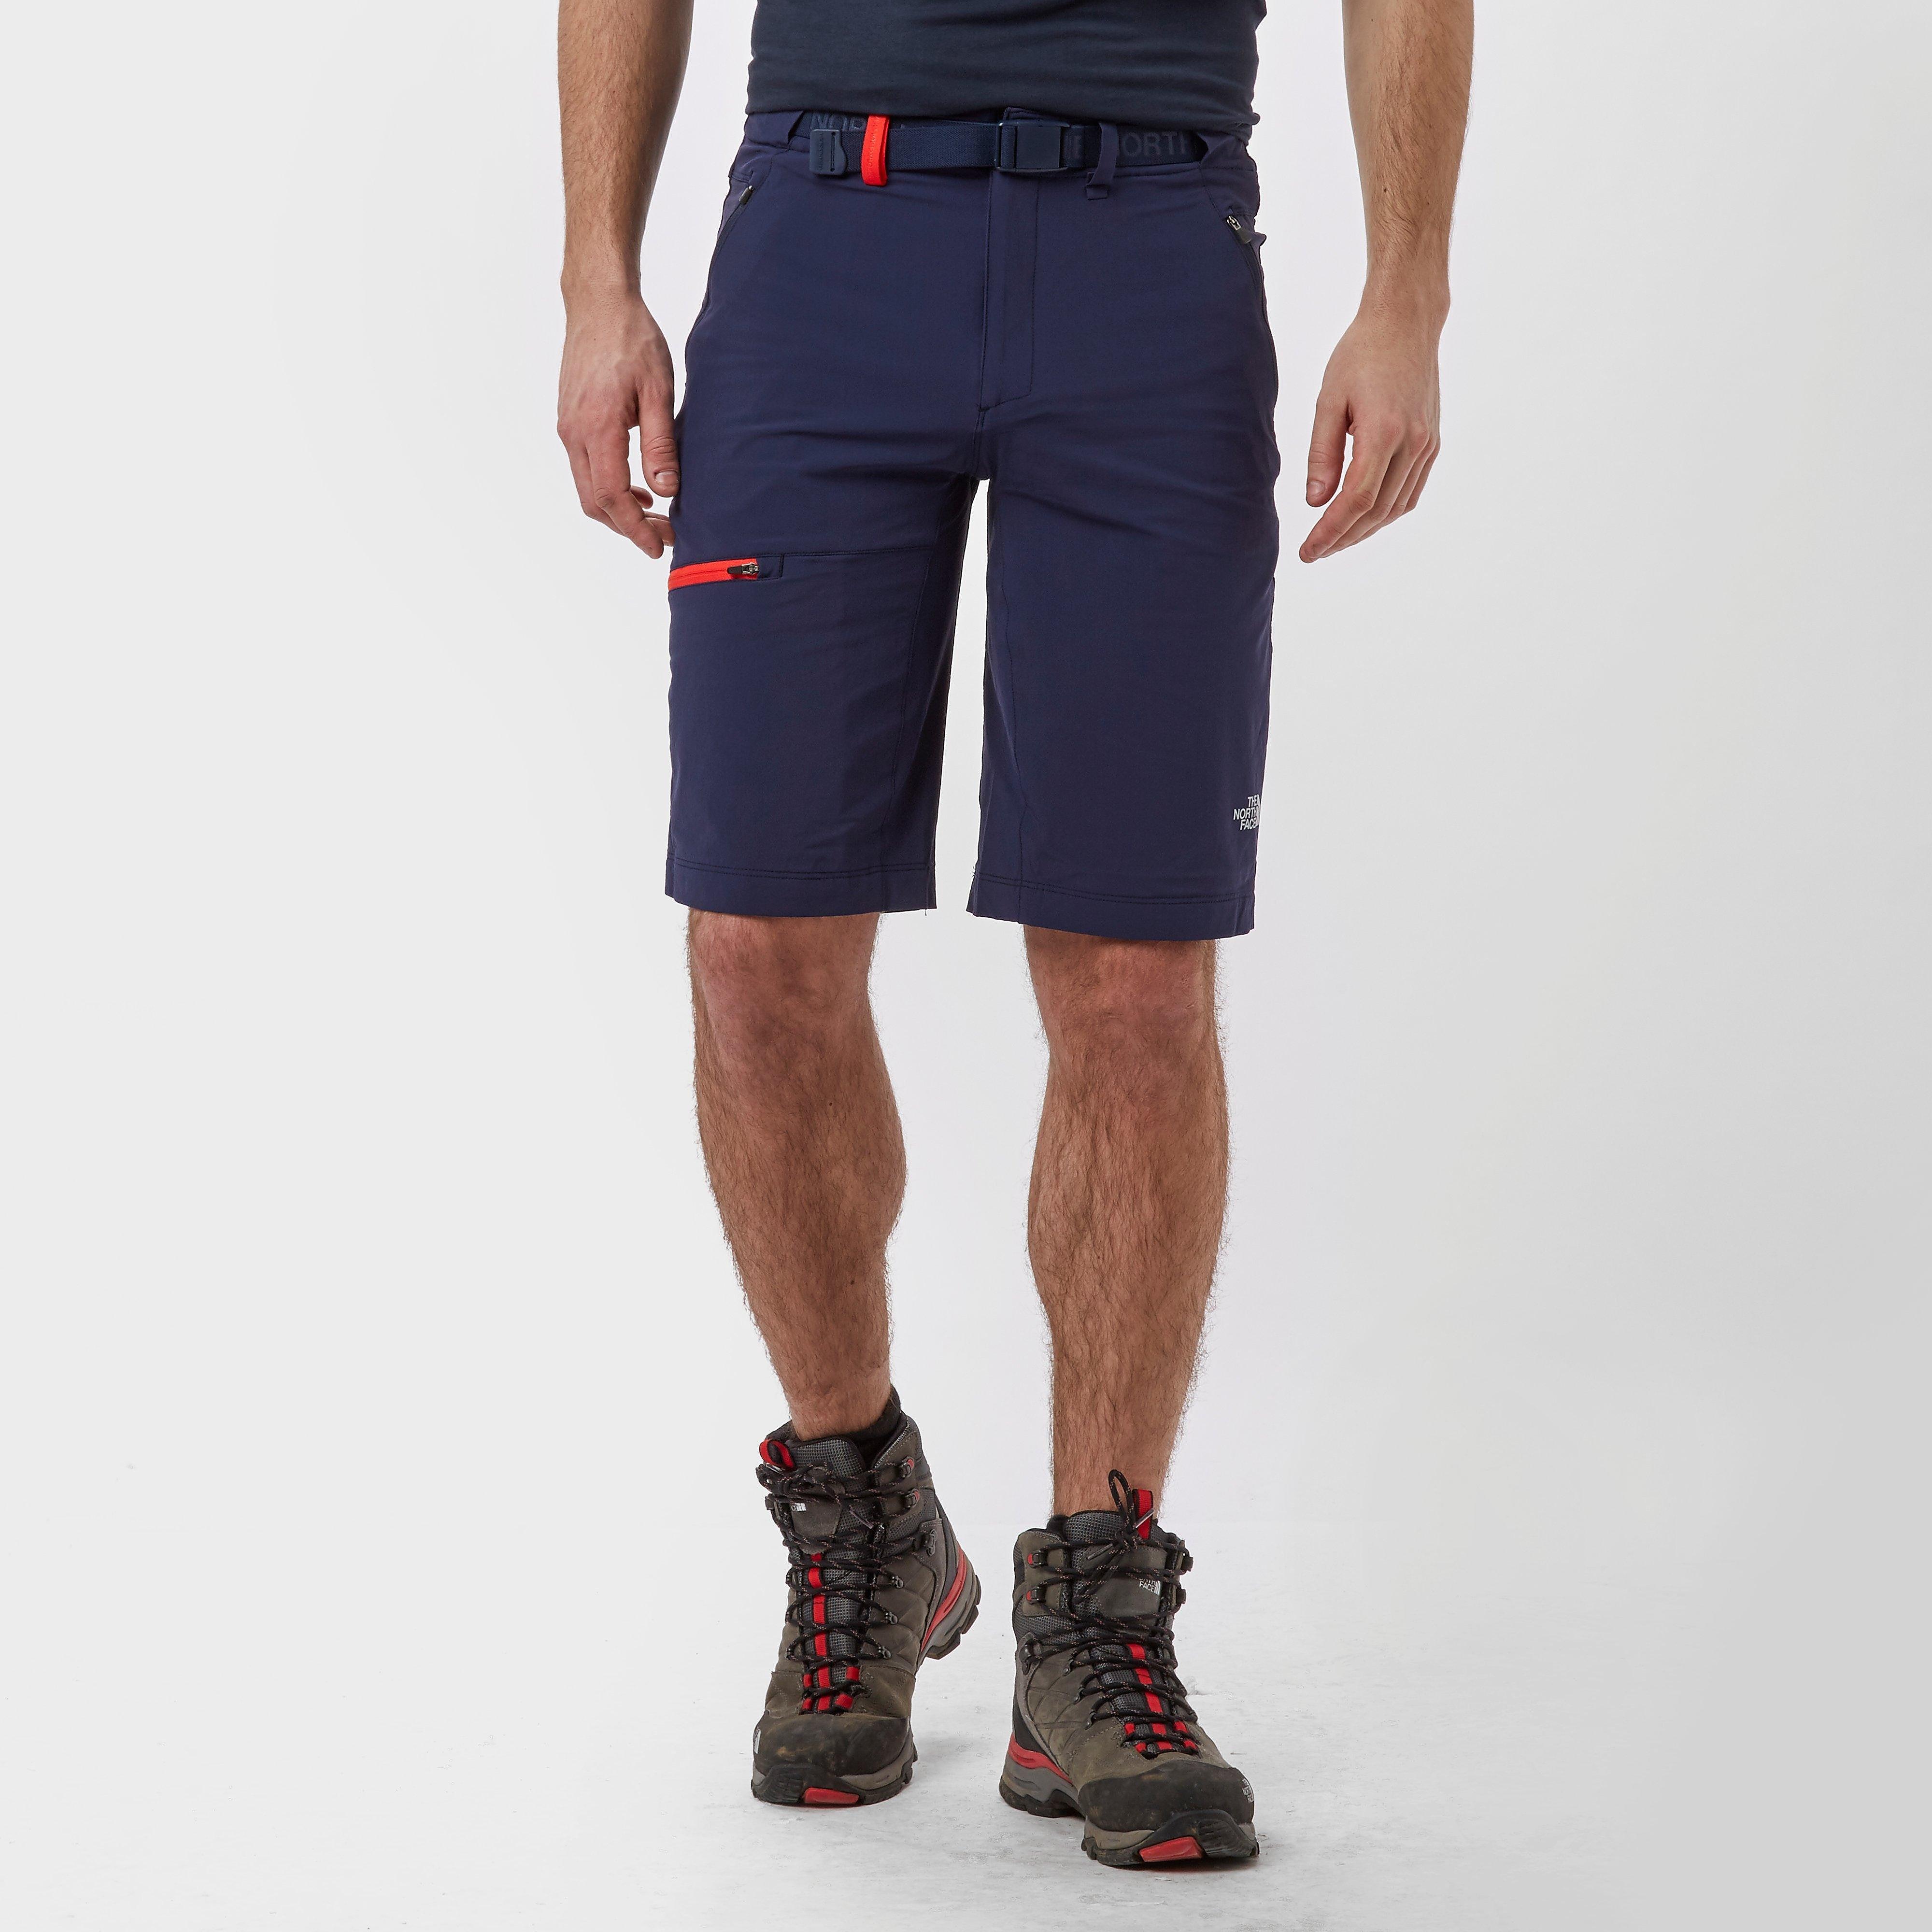 The North Face Speedlight Men's Shorts